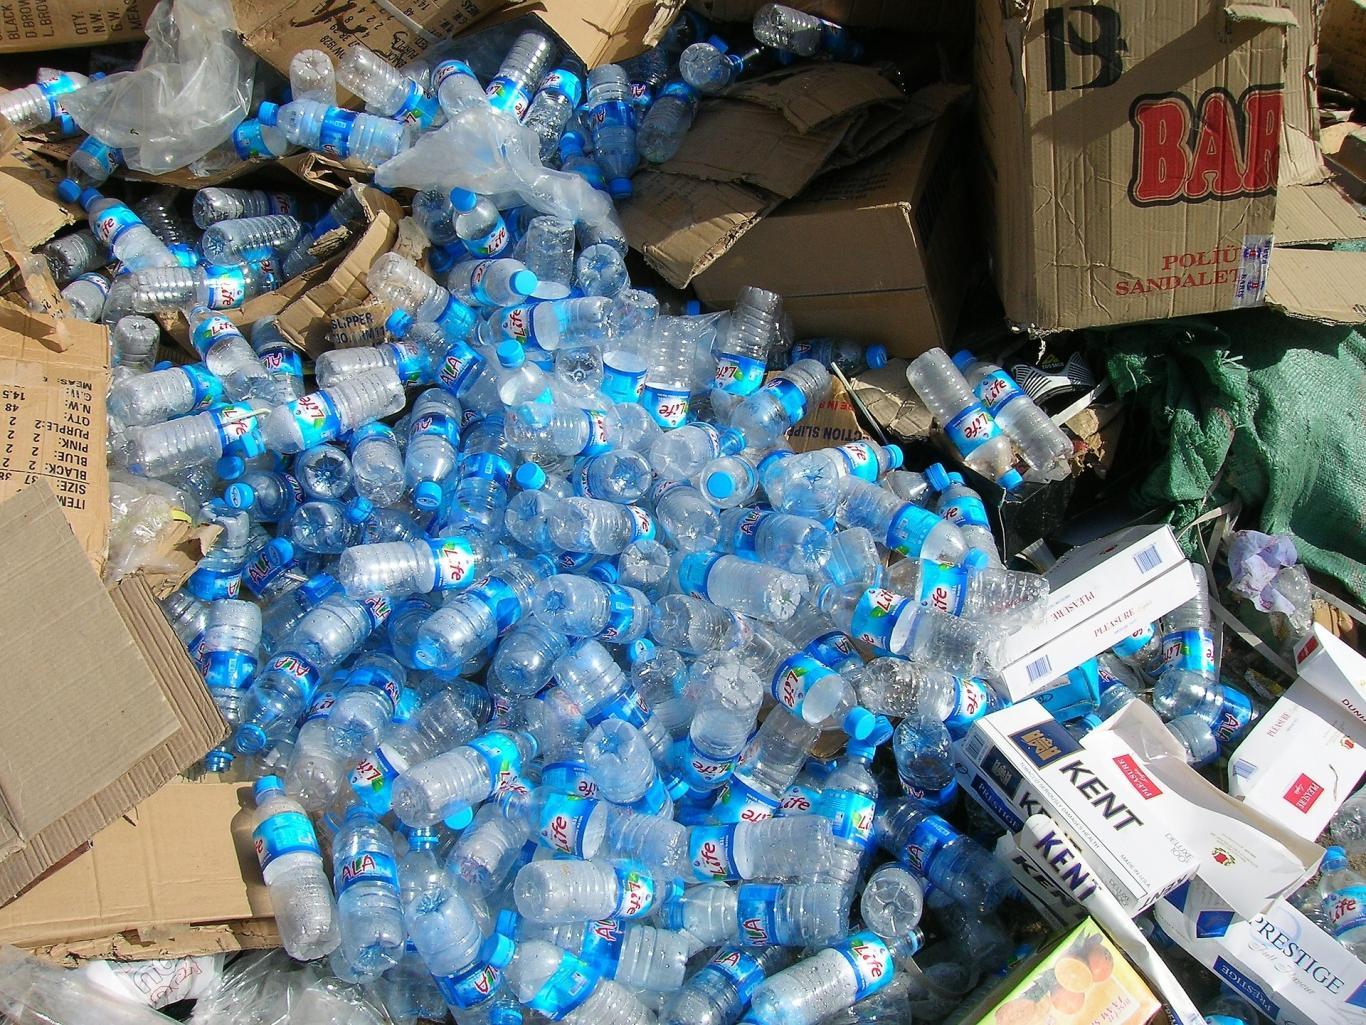 Residuos de envases, botellas de plástico